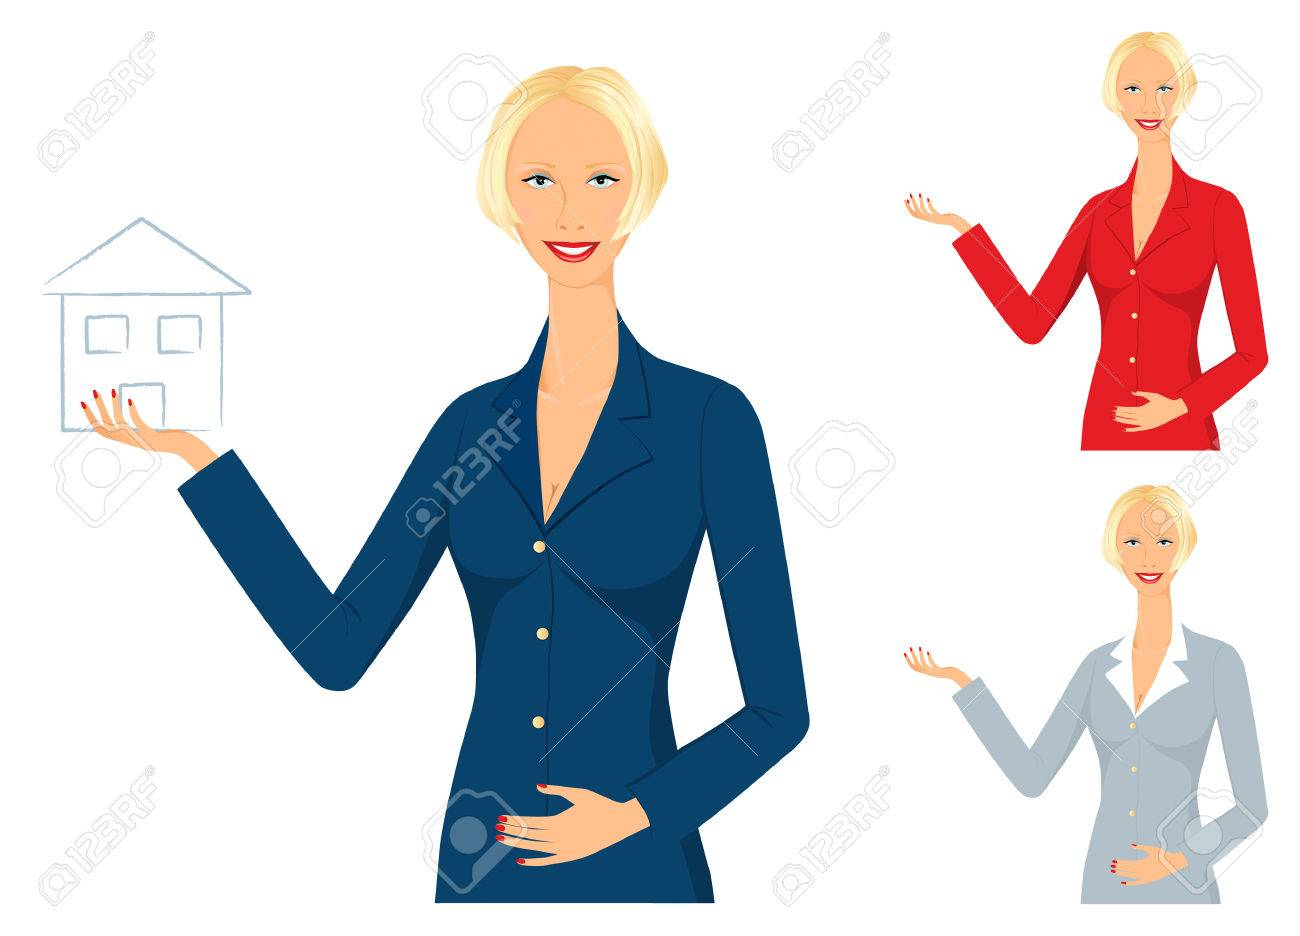 Servizi Per Agenti Immobiliari sorridente agente immobiliare di vendita di una nuova casa - può essere  utilizzato per qualsiasi servizio o attività concetto